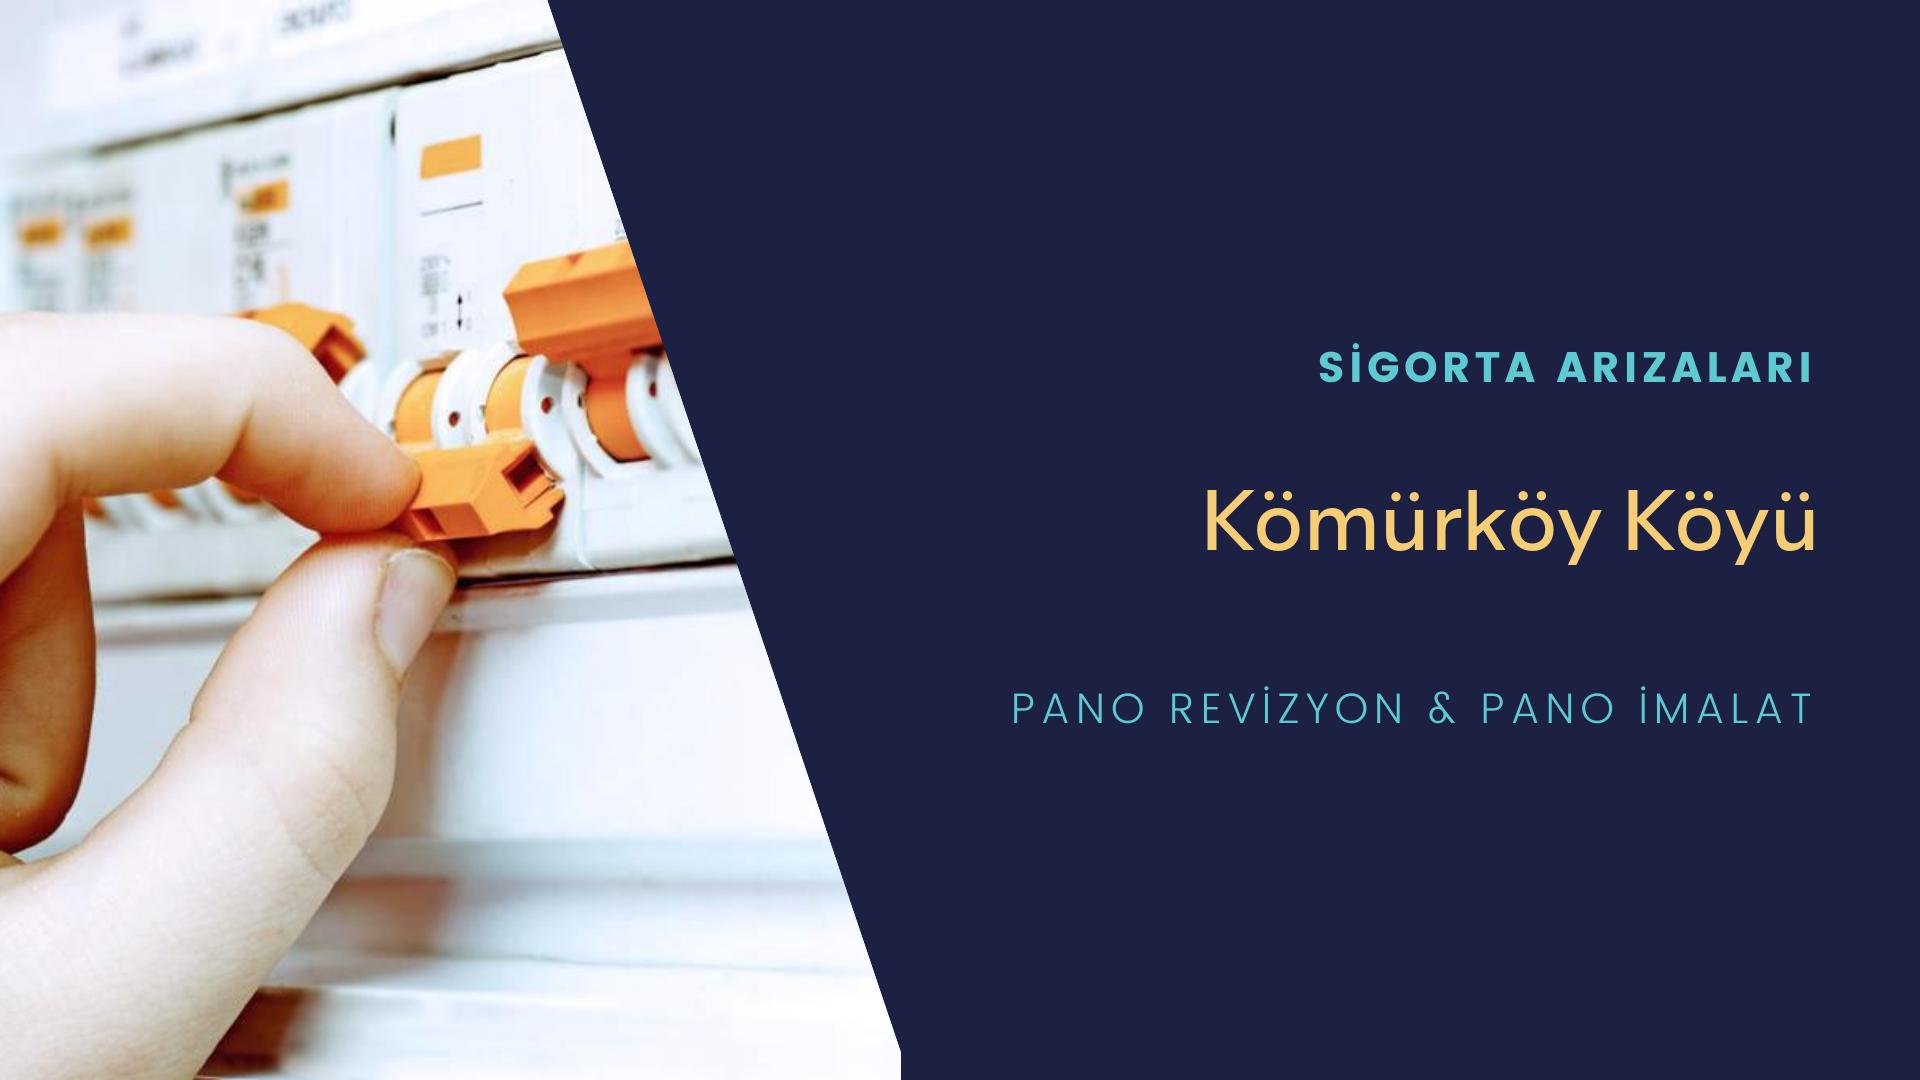 Kömürköy Köyü Sigorta Arızaları İçin Profesyonel Elektrikçi ustalarımızı dilediğiniz zaman arayabilir talepte bulunabilirsiniz.